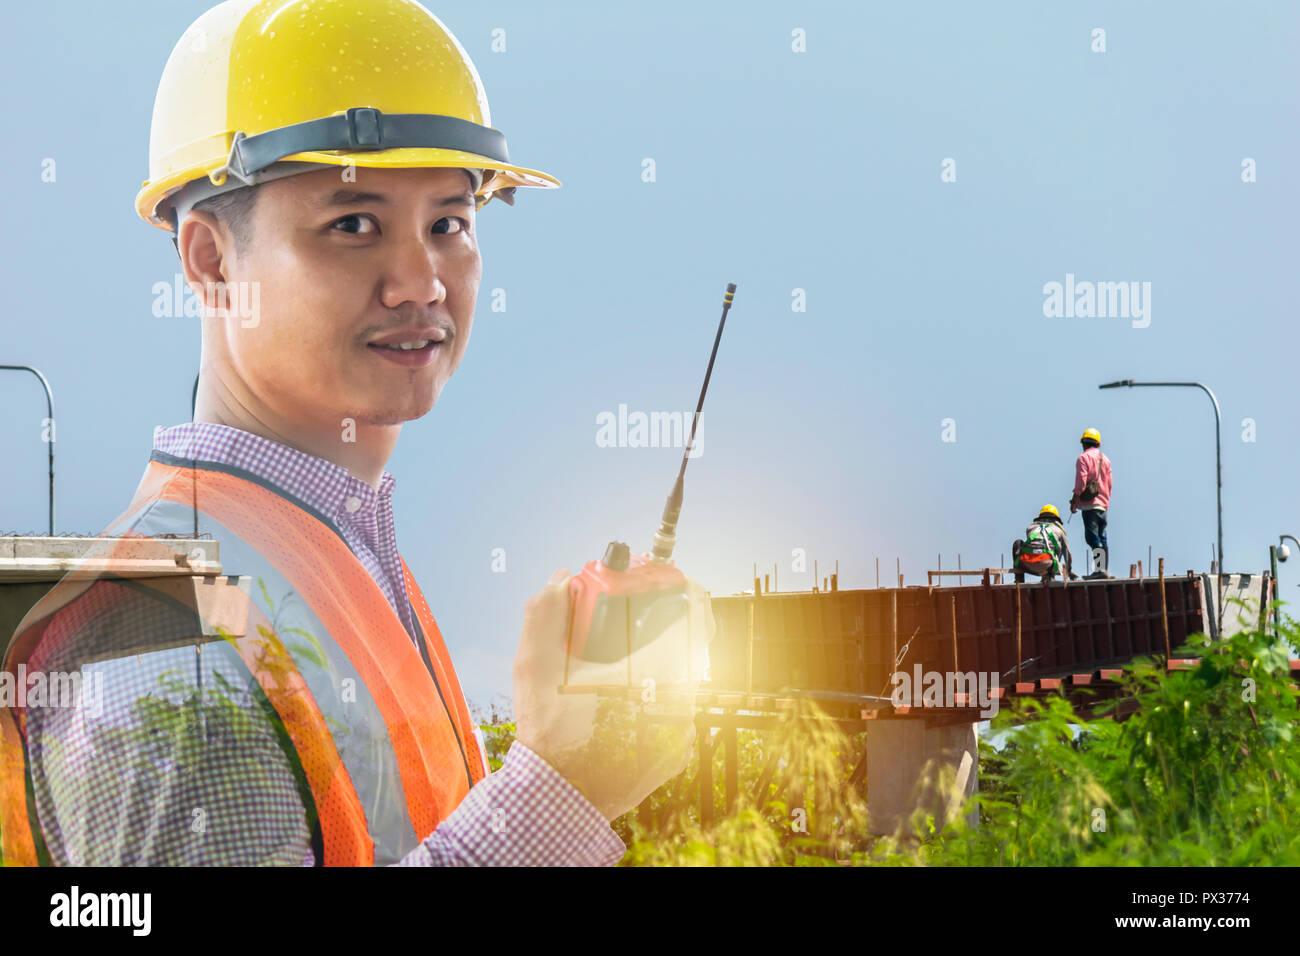 Le leadership est très nécessaire pour être un leader, les travaux de construction a besoin de garanties, précis, la précision, les ingénieurs sont en construction, l'utilisation de com Photo Stock